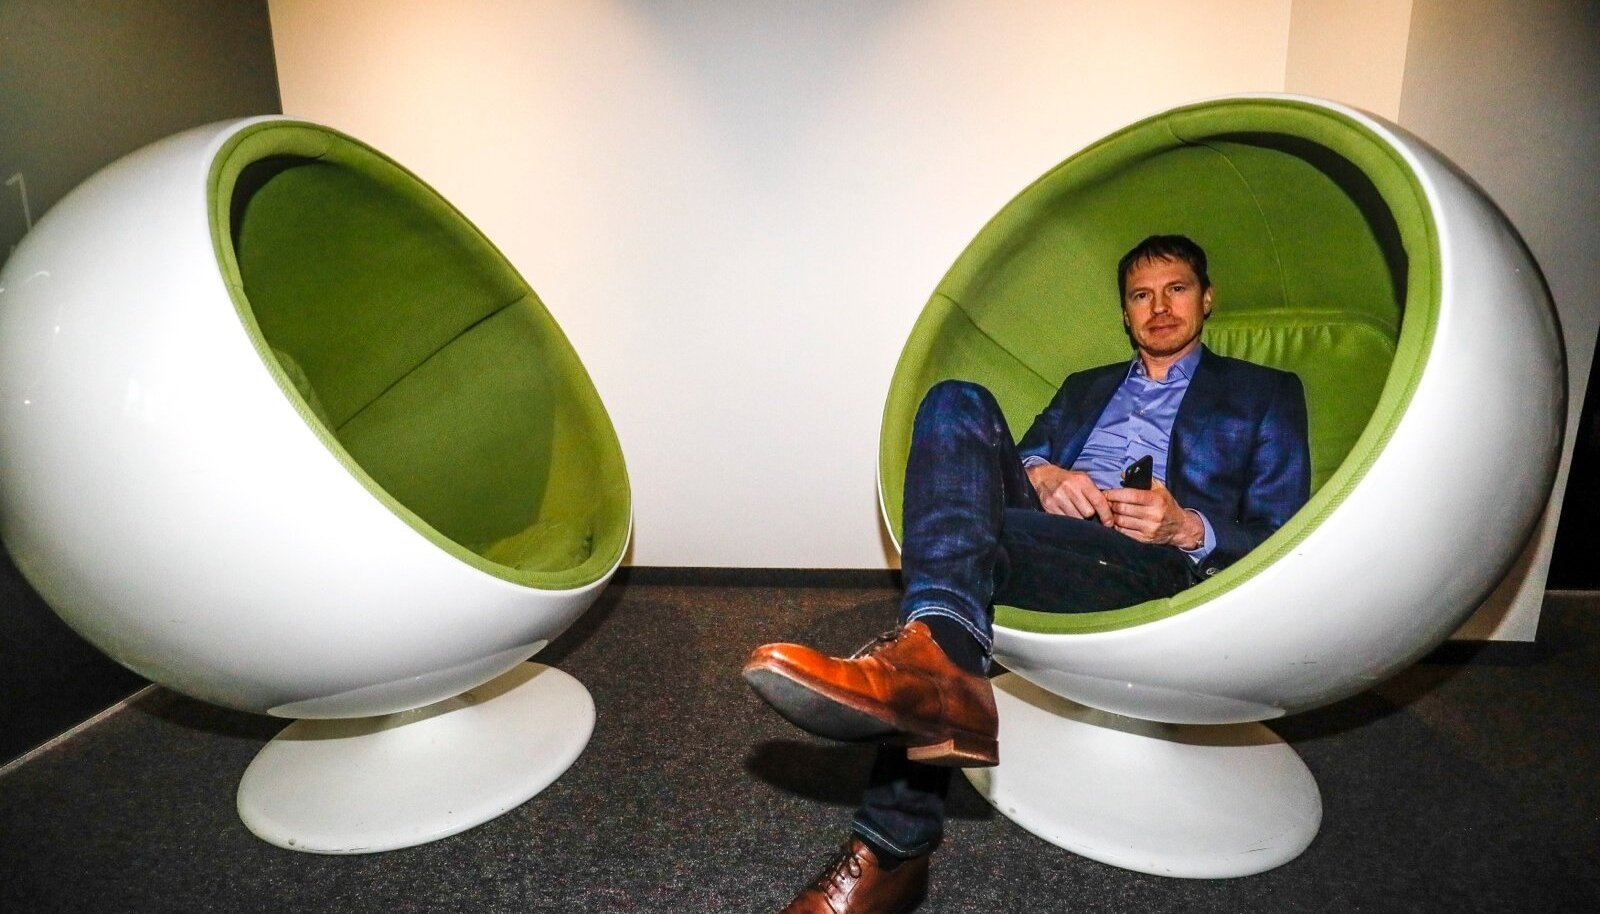 Ümberjagamismajandus muudkui paisub, samal ajal jookseb riik aktiivsetest maksumaksjatest tühjaks, ütleb tarkvarafirma Helmes tegevjuht ja omanik Jaan Pillesaar.